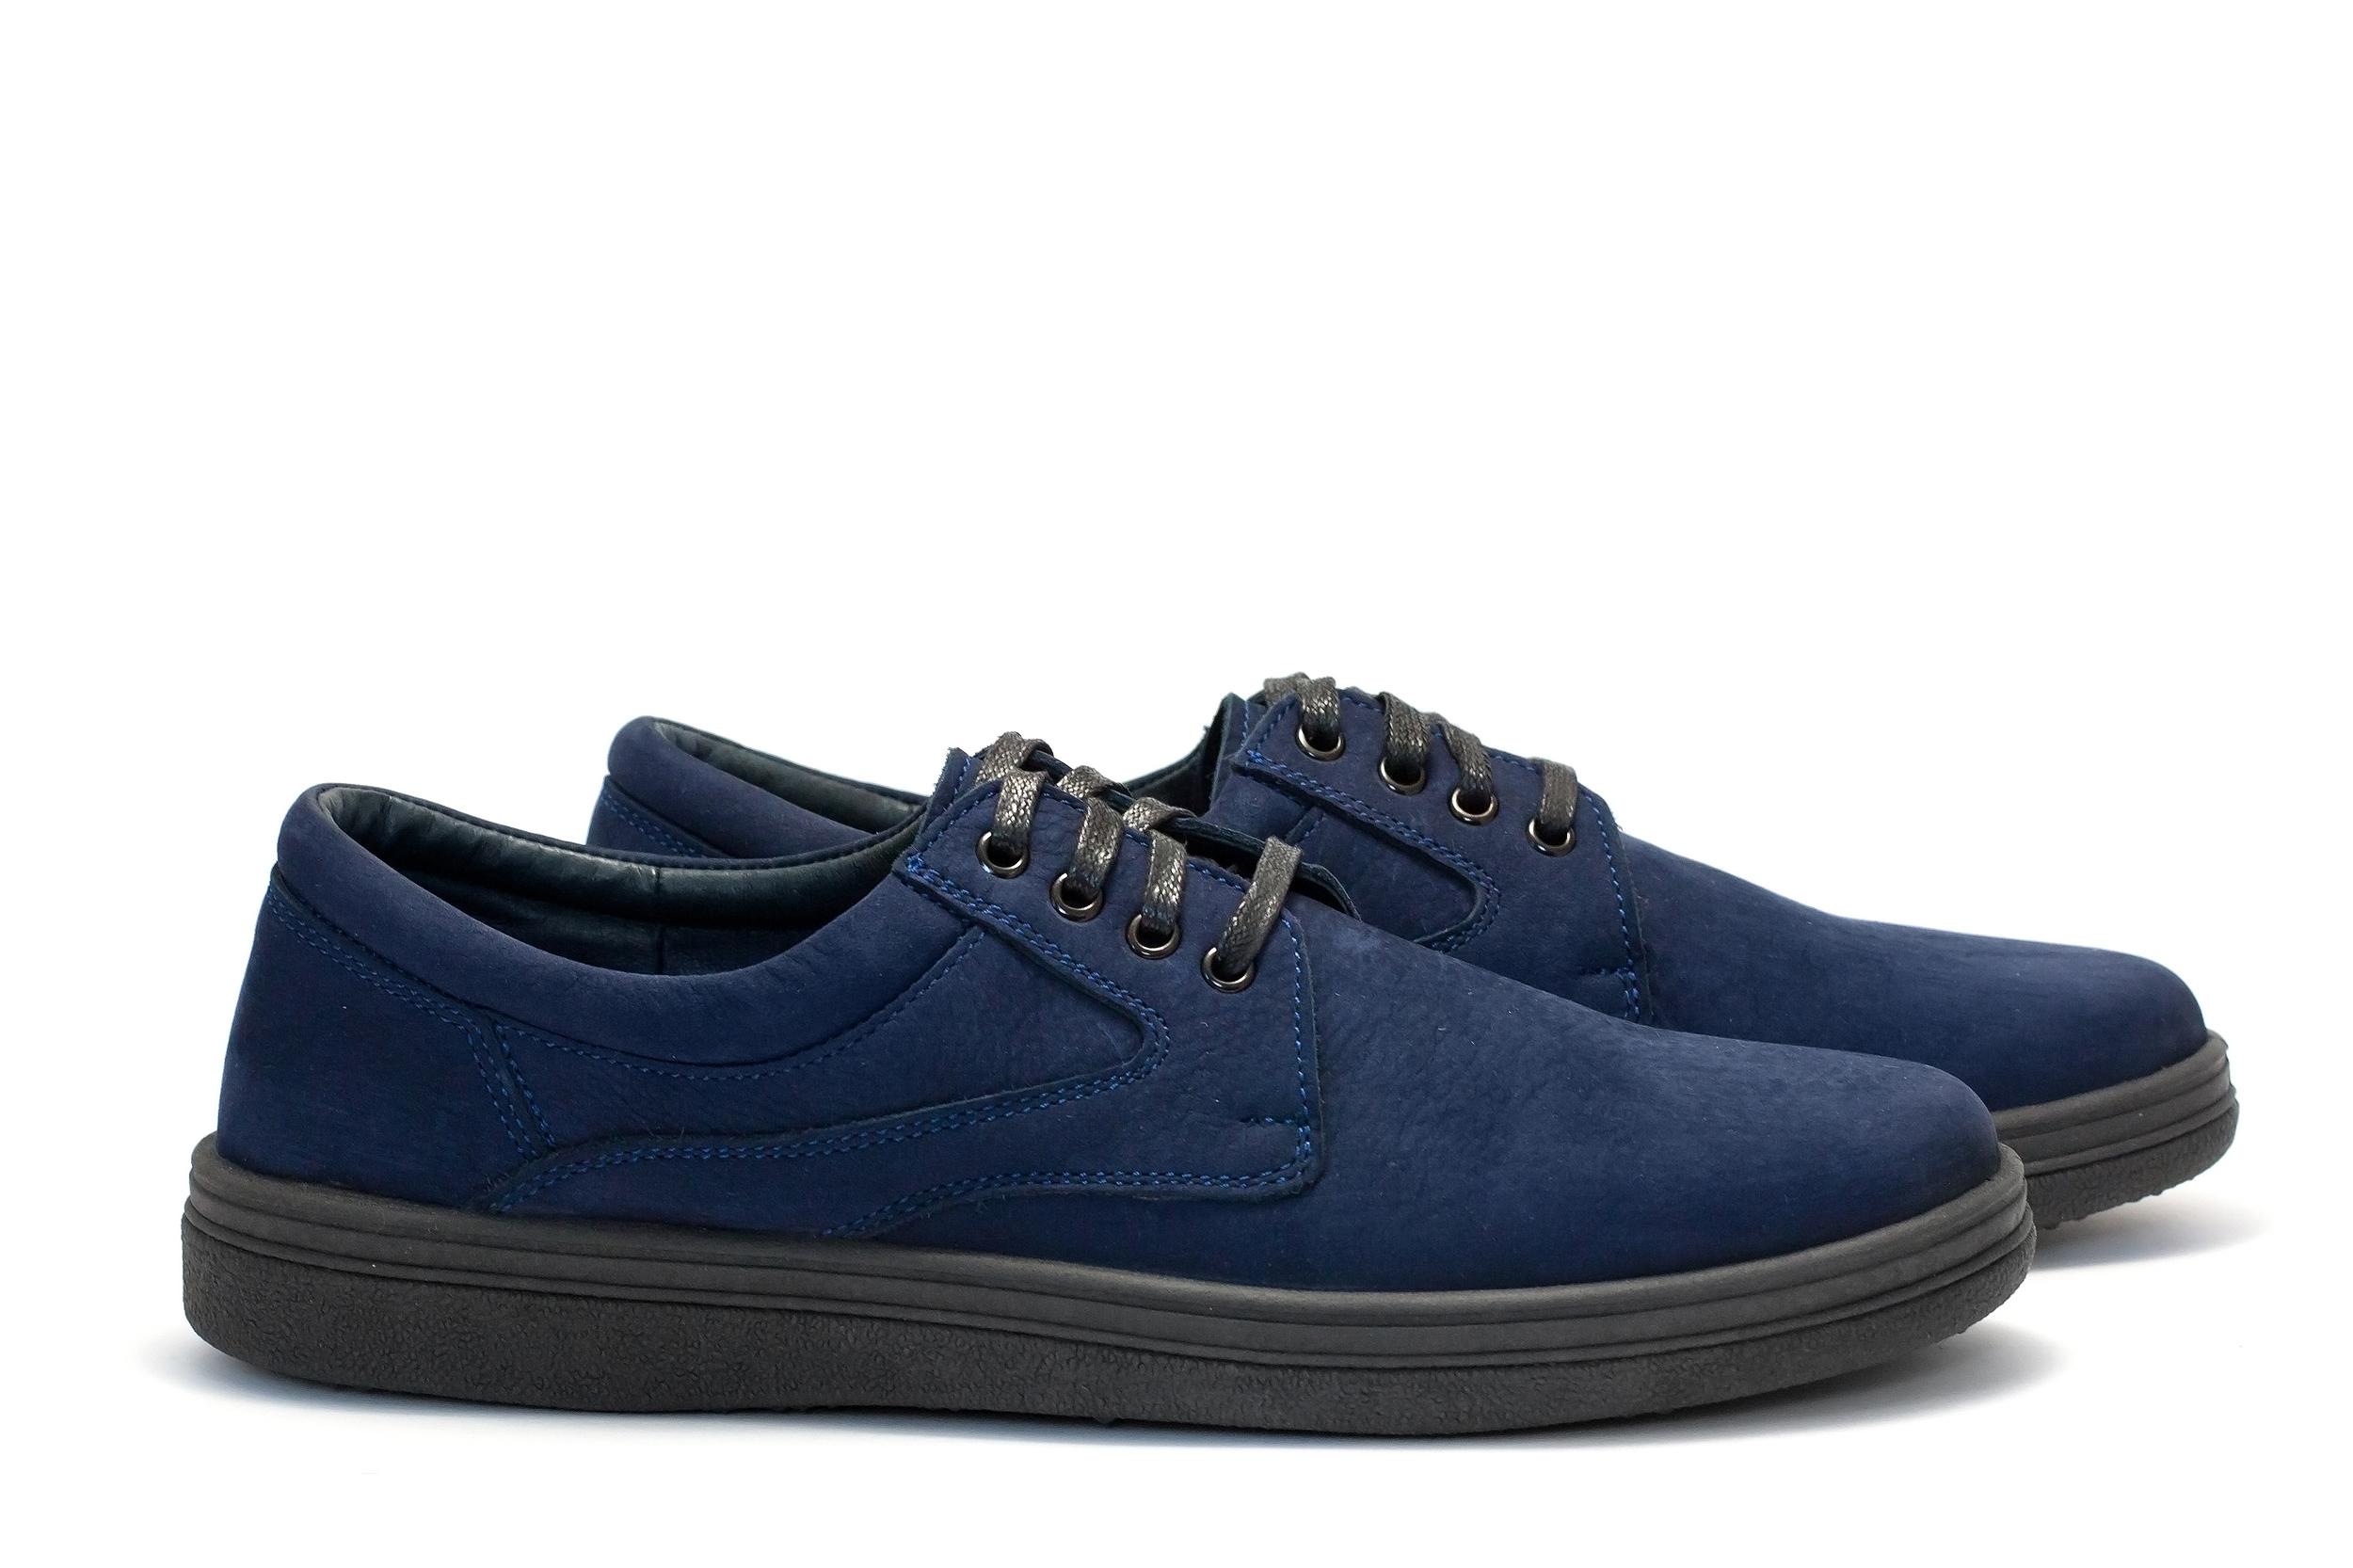 11302-00805 Туфли casual classic (нубук) Pilgrim, купить мужскую обувь Украина, обувь мужская